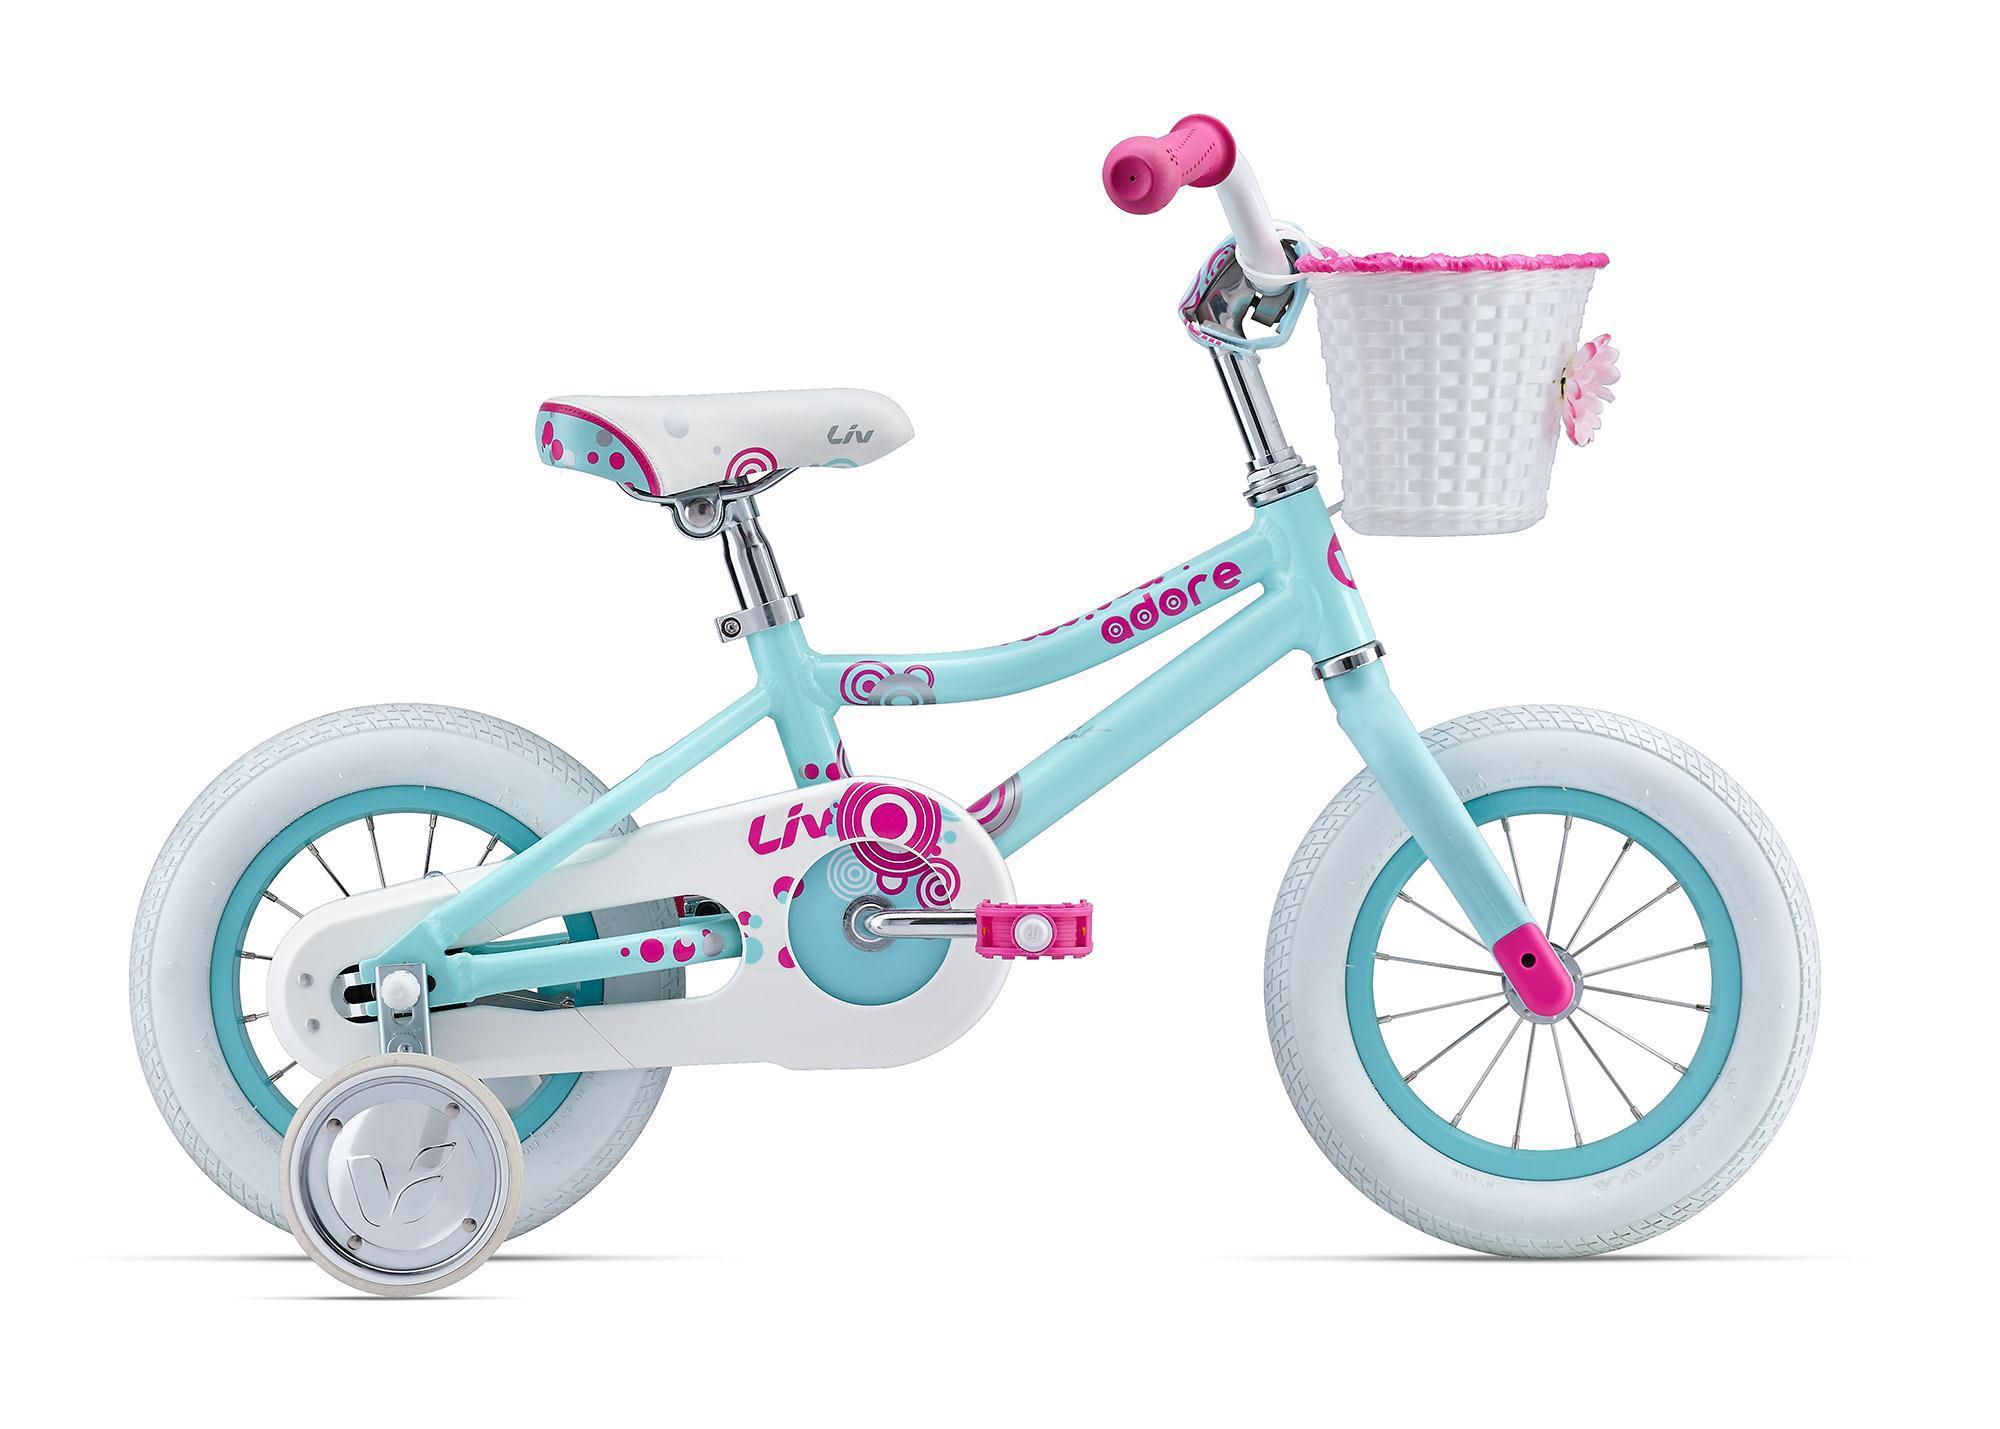 Giant Adore C/B 12 (2016)от 3 лет<br>Самый первый друг для маленькой принцессы, этакий нежный и милый единорог, о котором мечтают практически все маленькие девочки. У этого нежно-голубого или розовогоGiant Adore 12-ти дюймовые колеса, поэтому он подойдет даже для самых крошек. Легкая рама и вилка из фирменного алюминия ALUXX спроектированы так, чтобы детям было удобно и безопасно делать всё — ездить, залезать и слезать.<br>Отличный накат позволит получать море удовольствия, делая первые шаги в мире велосипедов. Резина со специальным широким профилем позволит легче держать равновесие при обучении, а ножной тормоз – простое и удобное решение для малышей.<br>На Giant Adore уже установлена защита цепи, она убережет ребенка от травм, а одежду от грязи и повреждений. В комплекте также дополнительные колеса и, конечно же, чудесная корзиночка для всевозможных нужностей.<br>